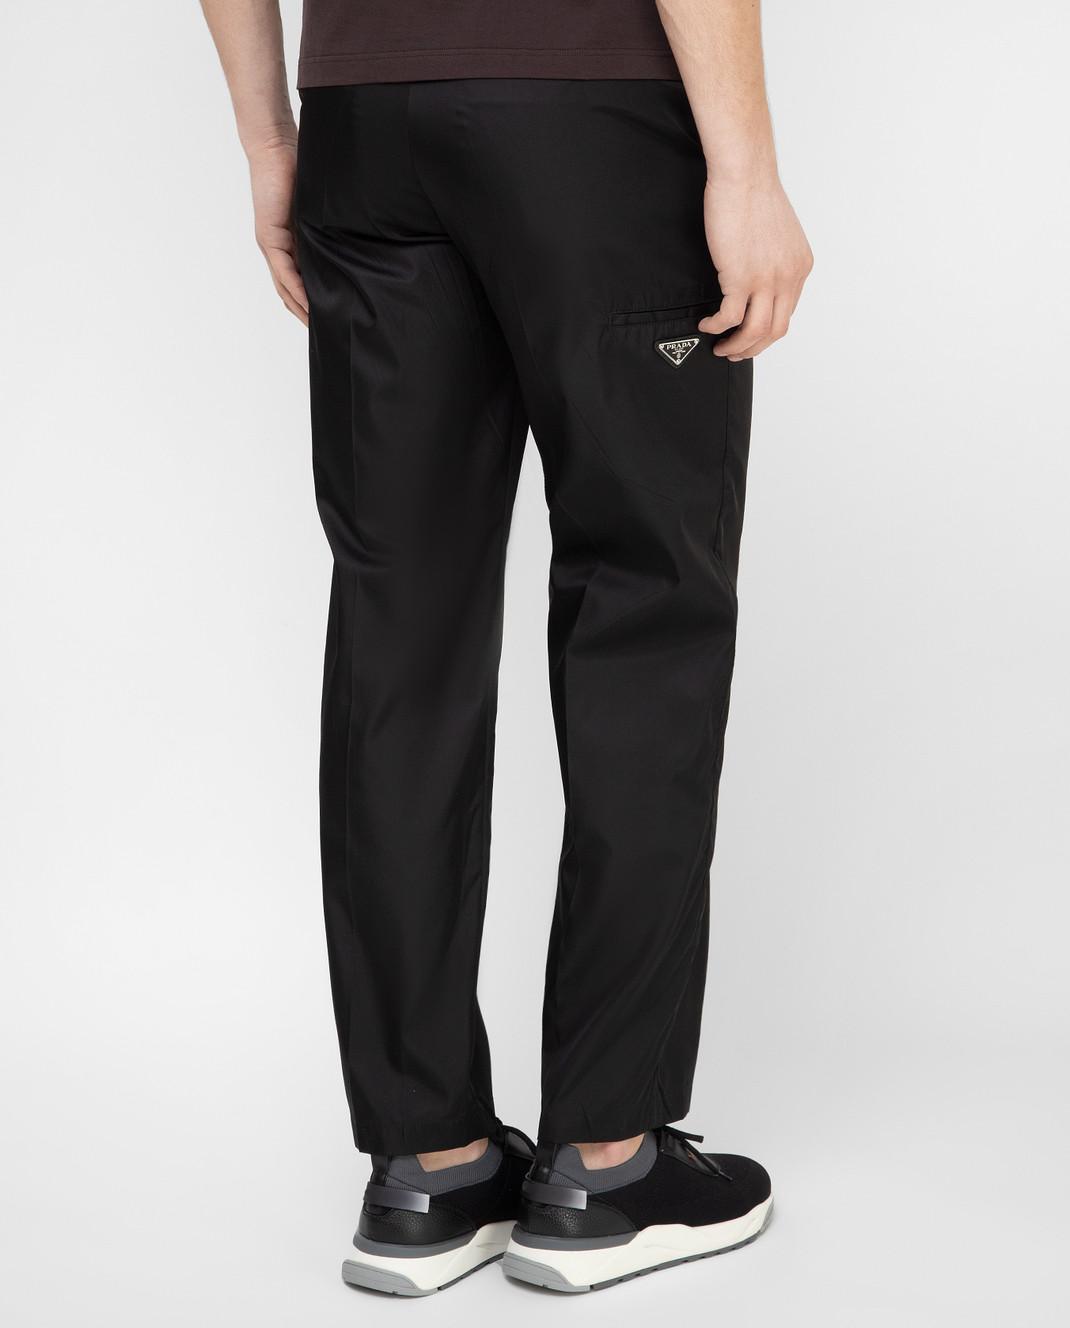 Prada Sport Черные брюки SPG30I18 изображение 4